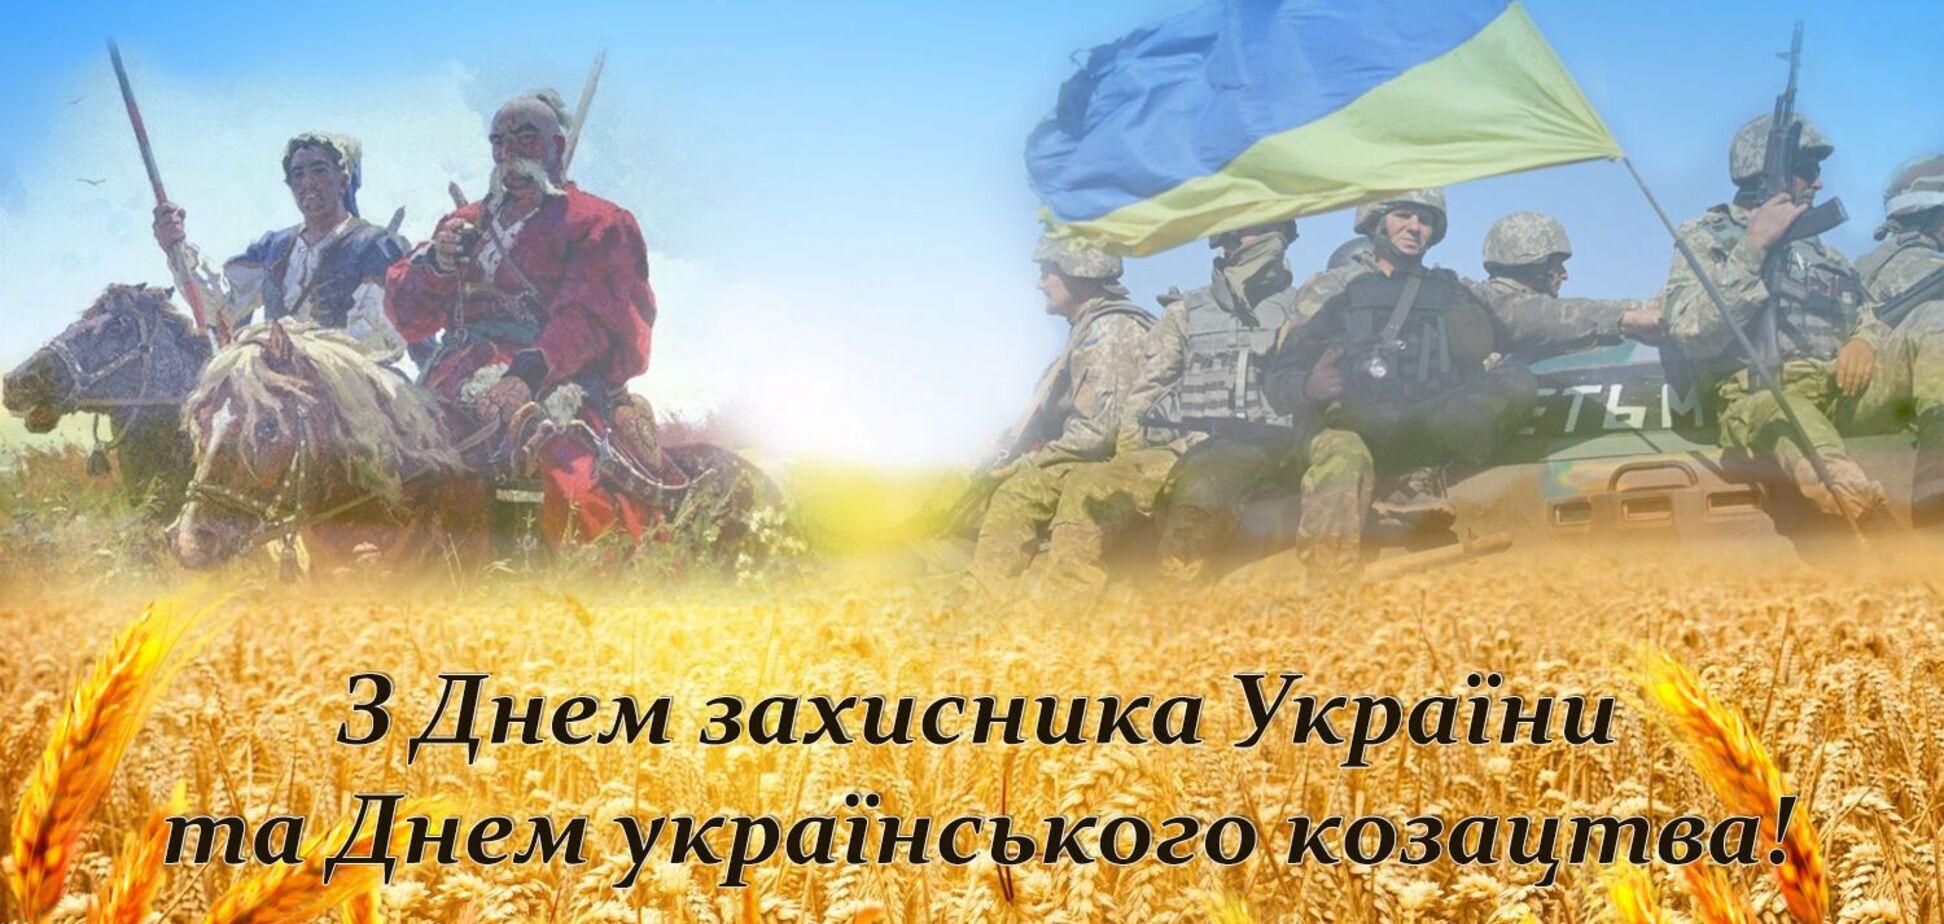 З Днем захисника України і Днем українського козацтва 2021